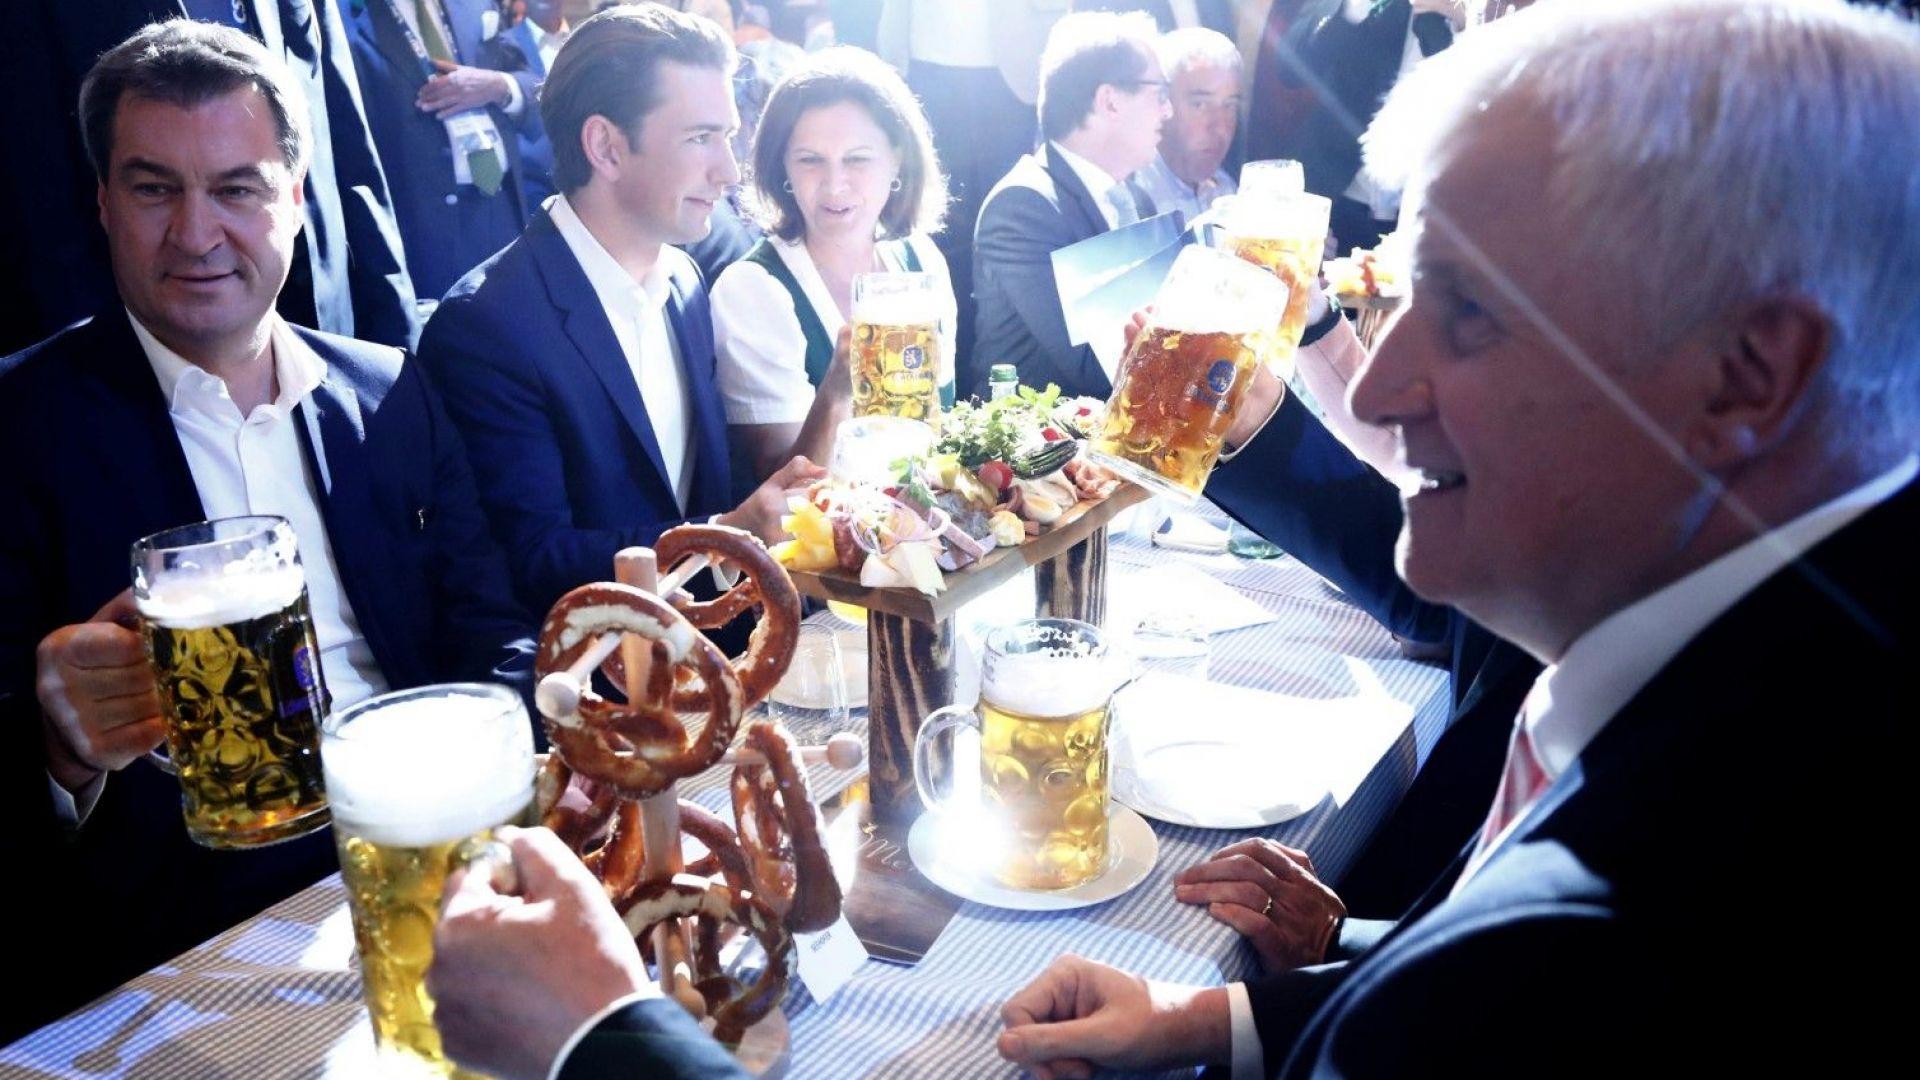 Съюзникът на Меркел днес може да загуби властта си в Бавария, която държи почти 60 г.